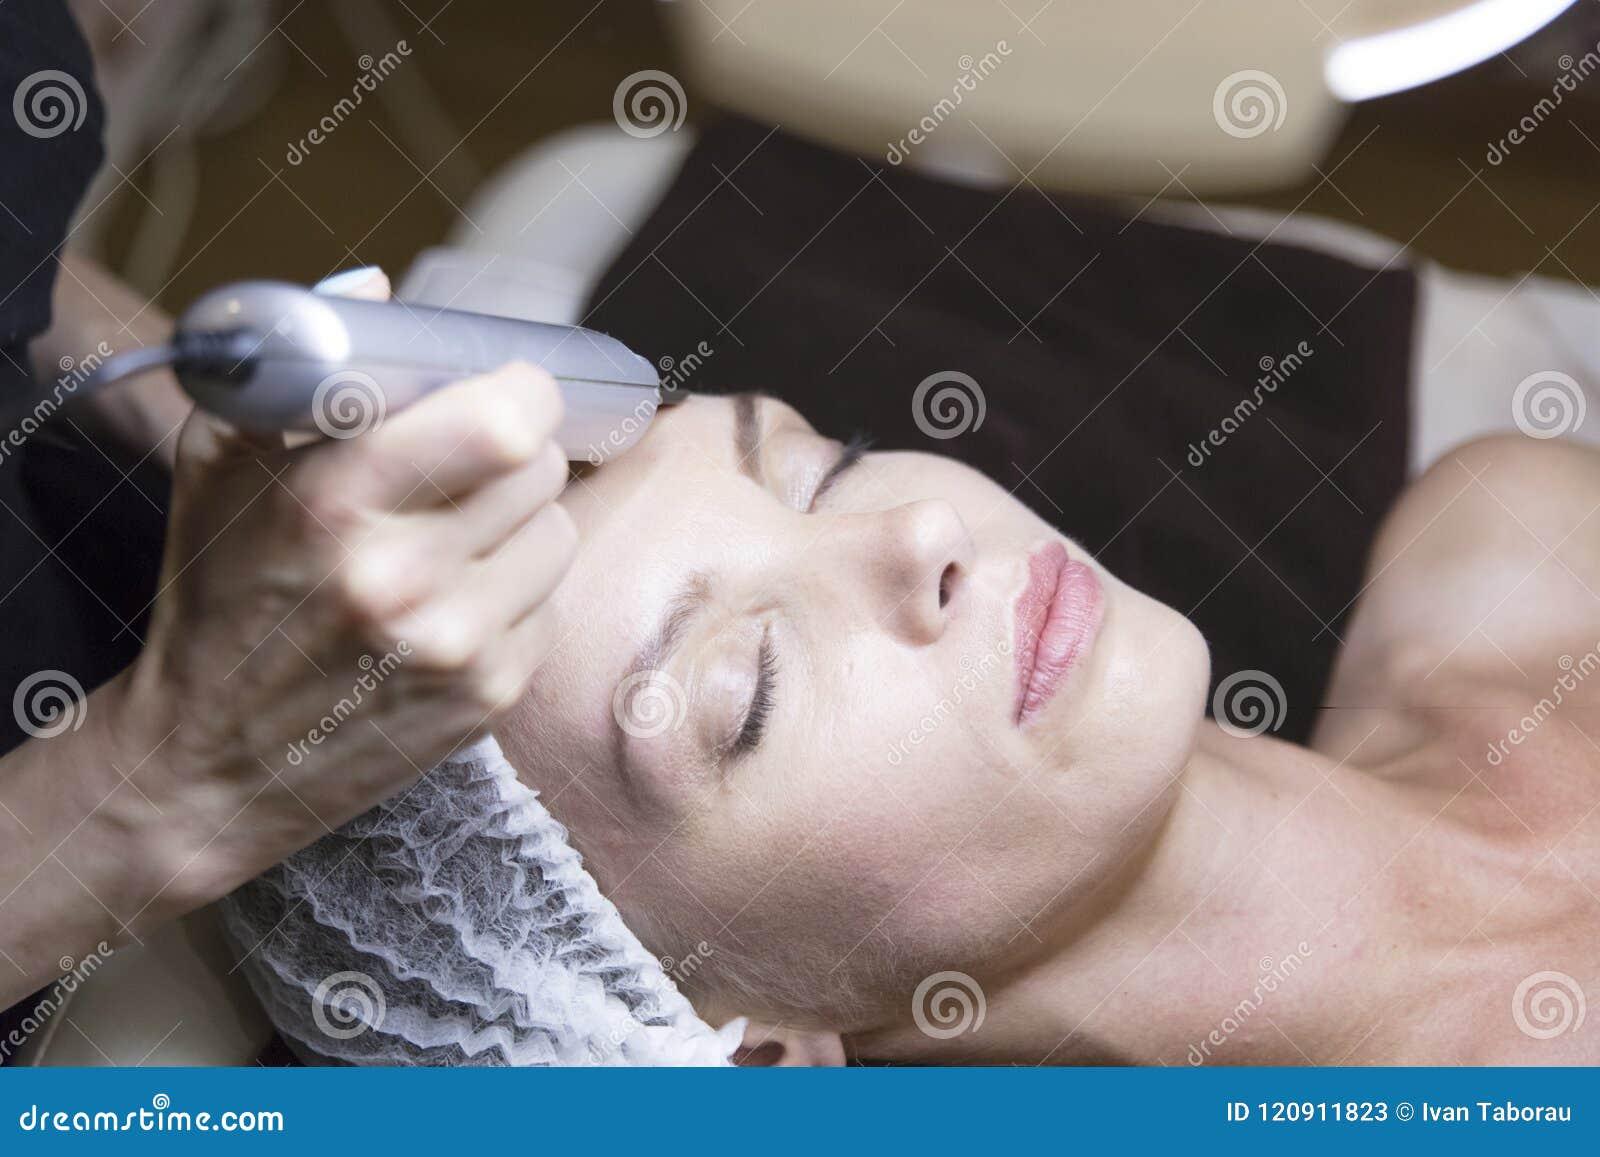 Zbliżenie portret szczęśliwa młoda kobieta i ręka z kosmetycznym podnośnym przyrządem dotyka jej twarz